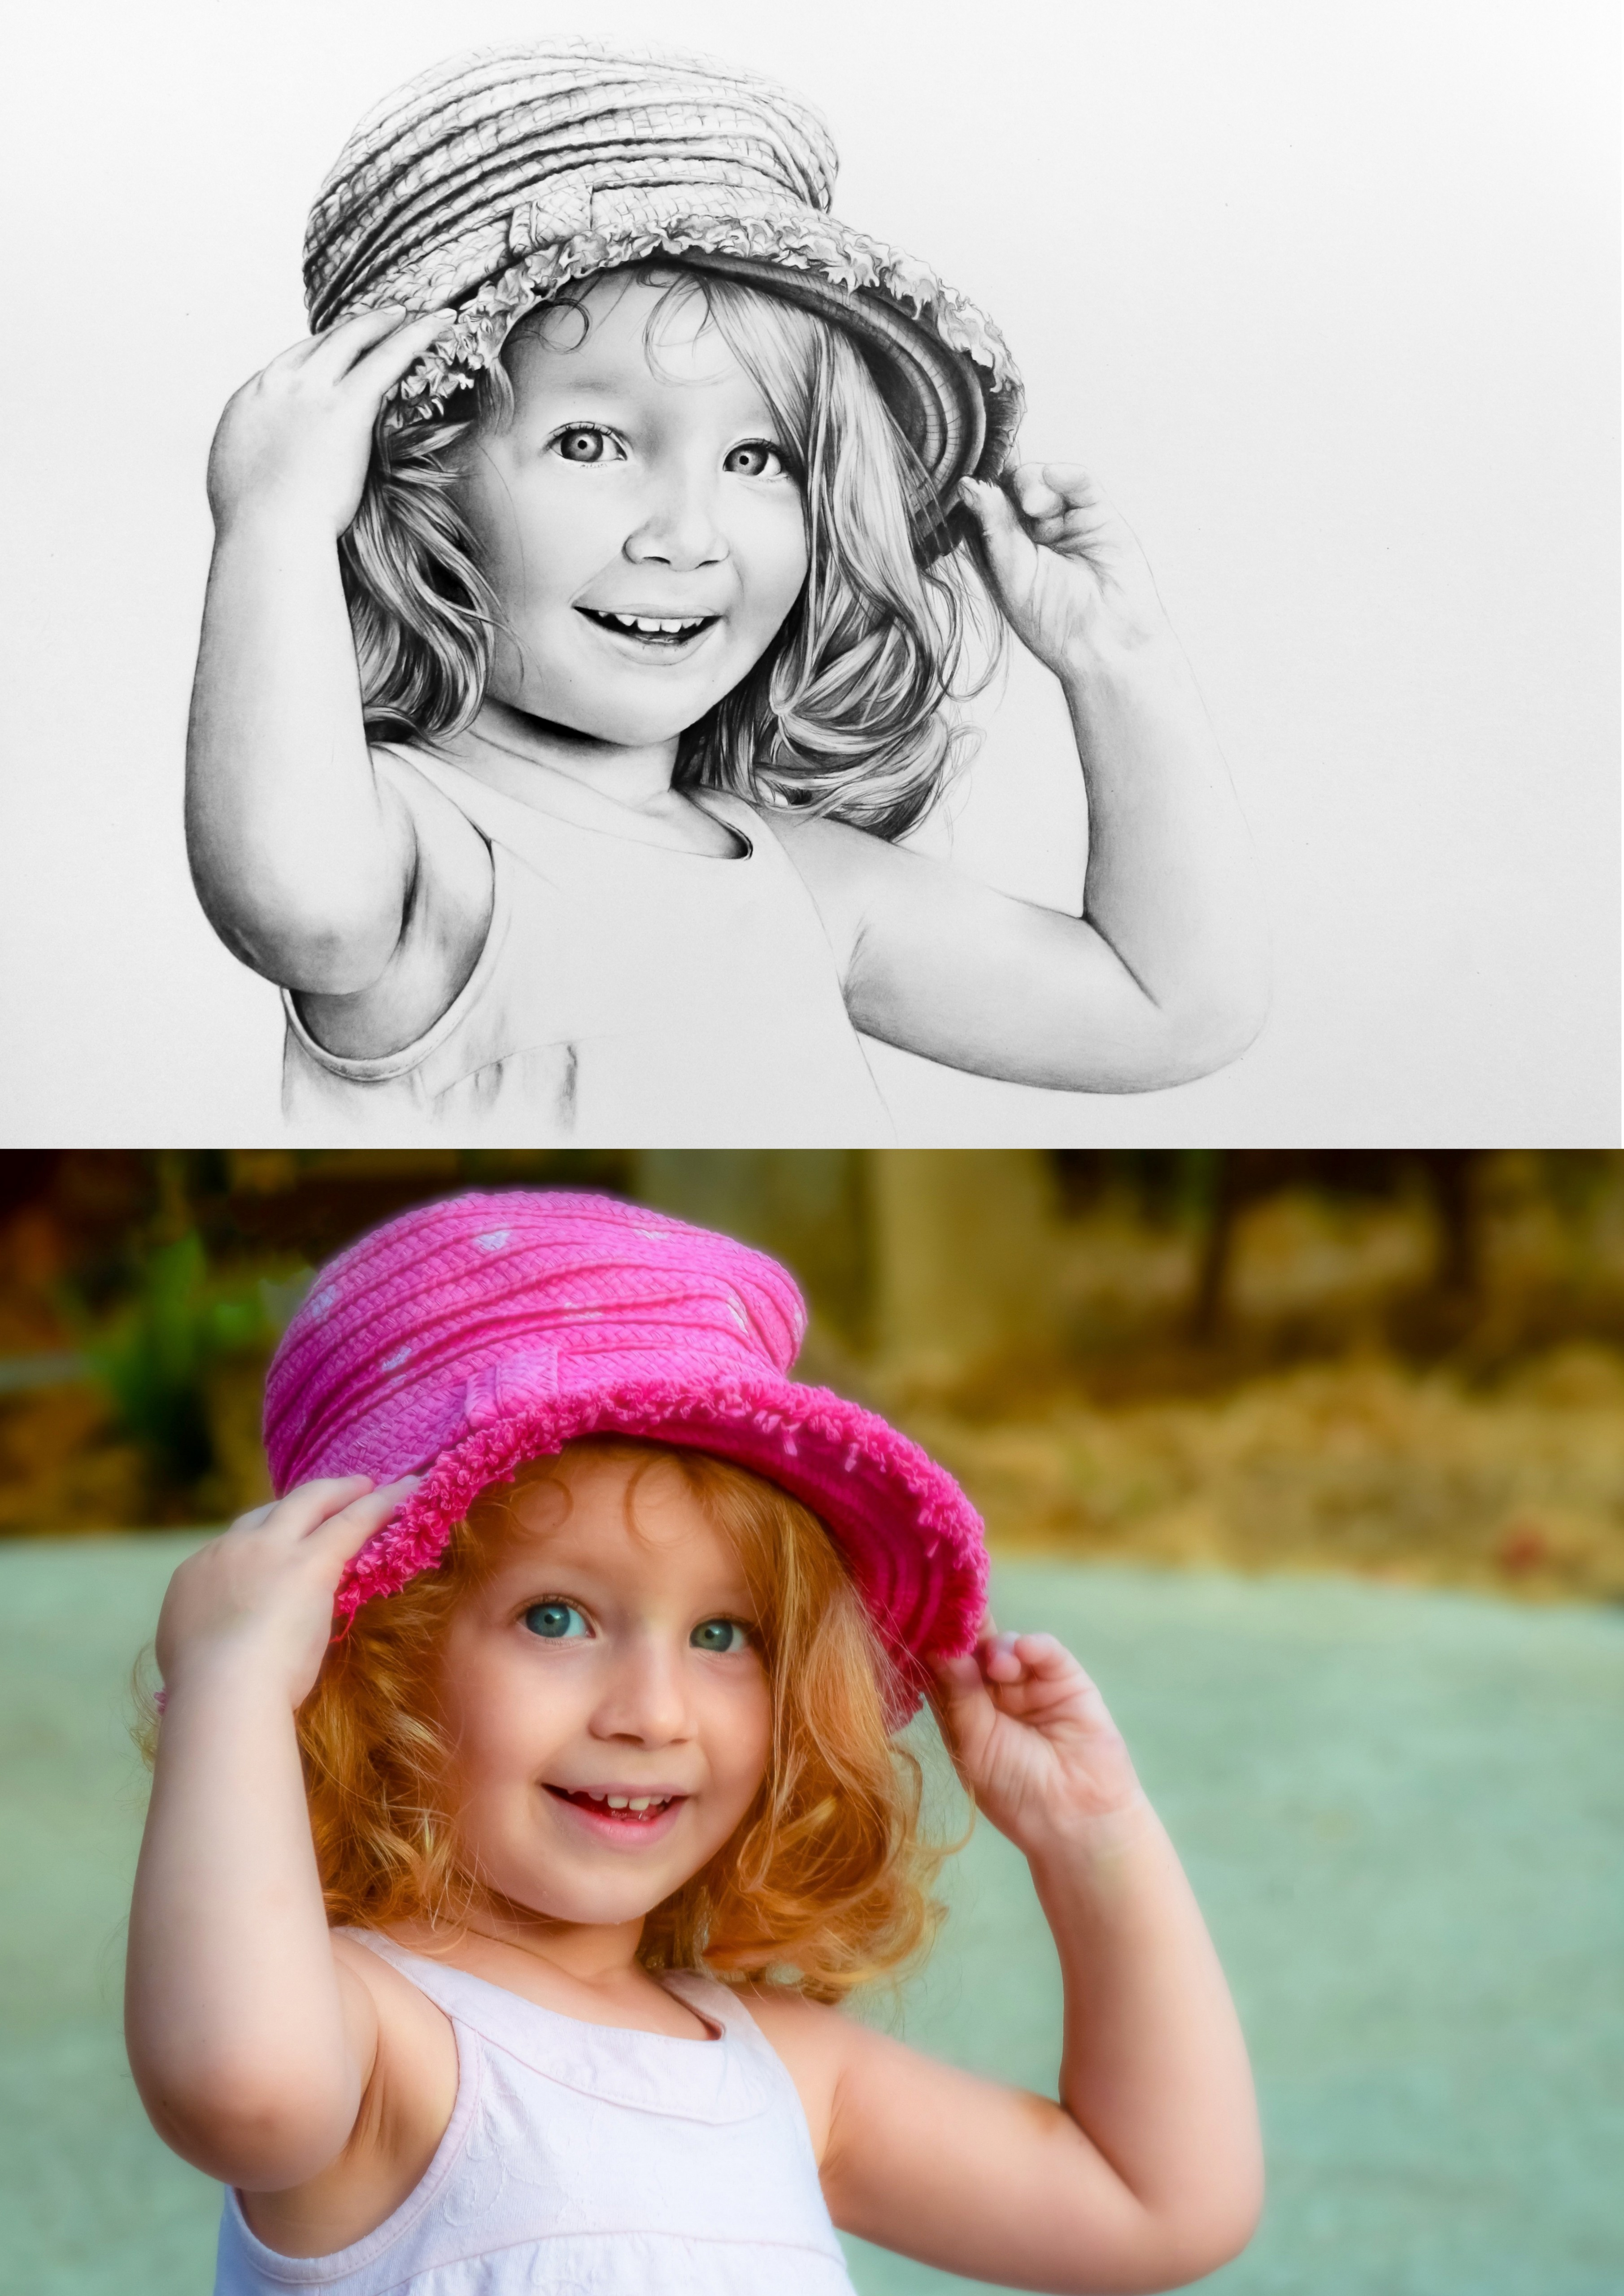 Comparatif photo/portrait